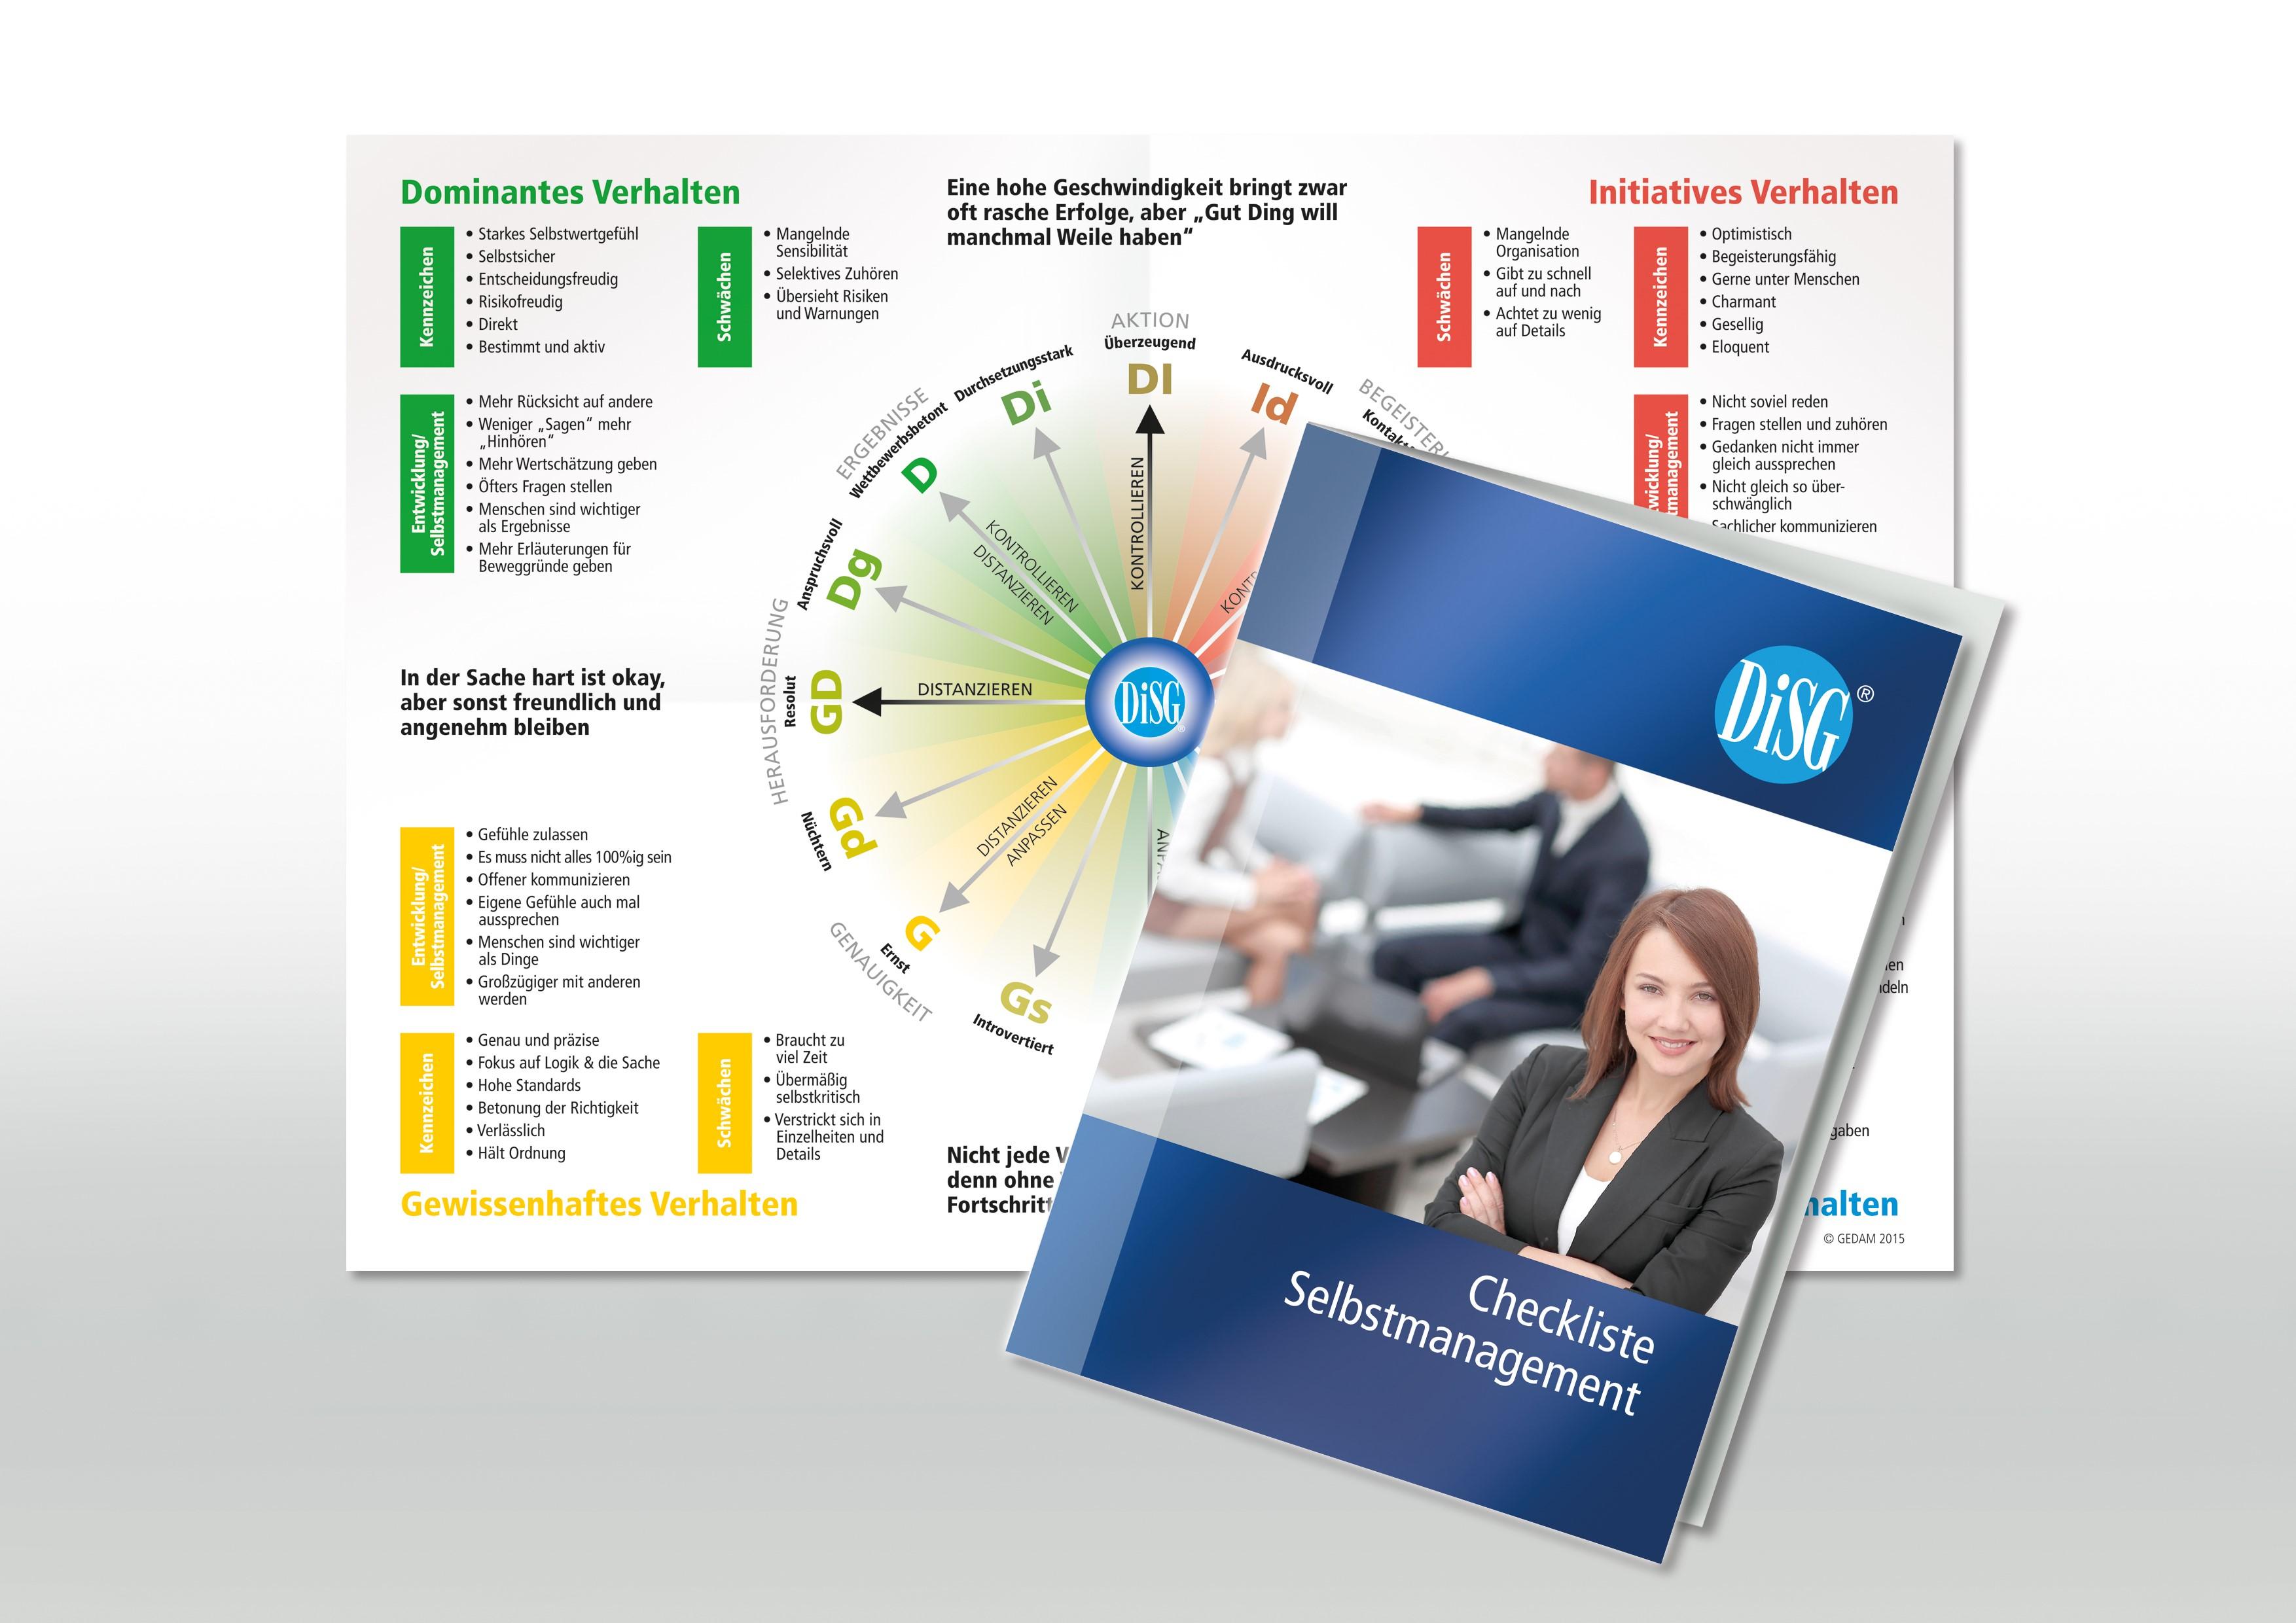 Bild Checkliste Selbstmanagement Shop